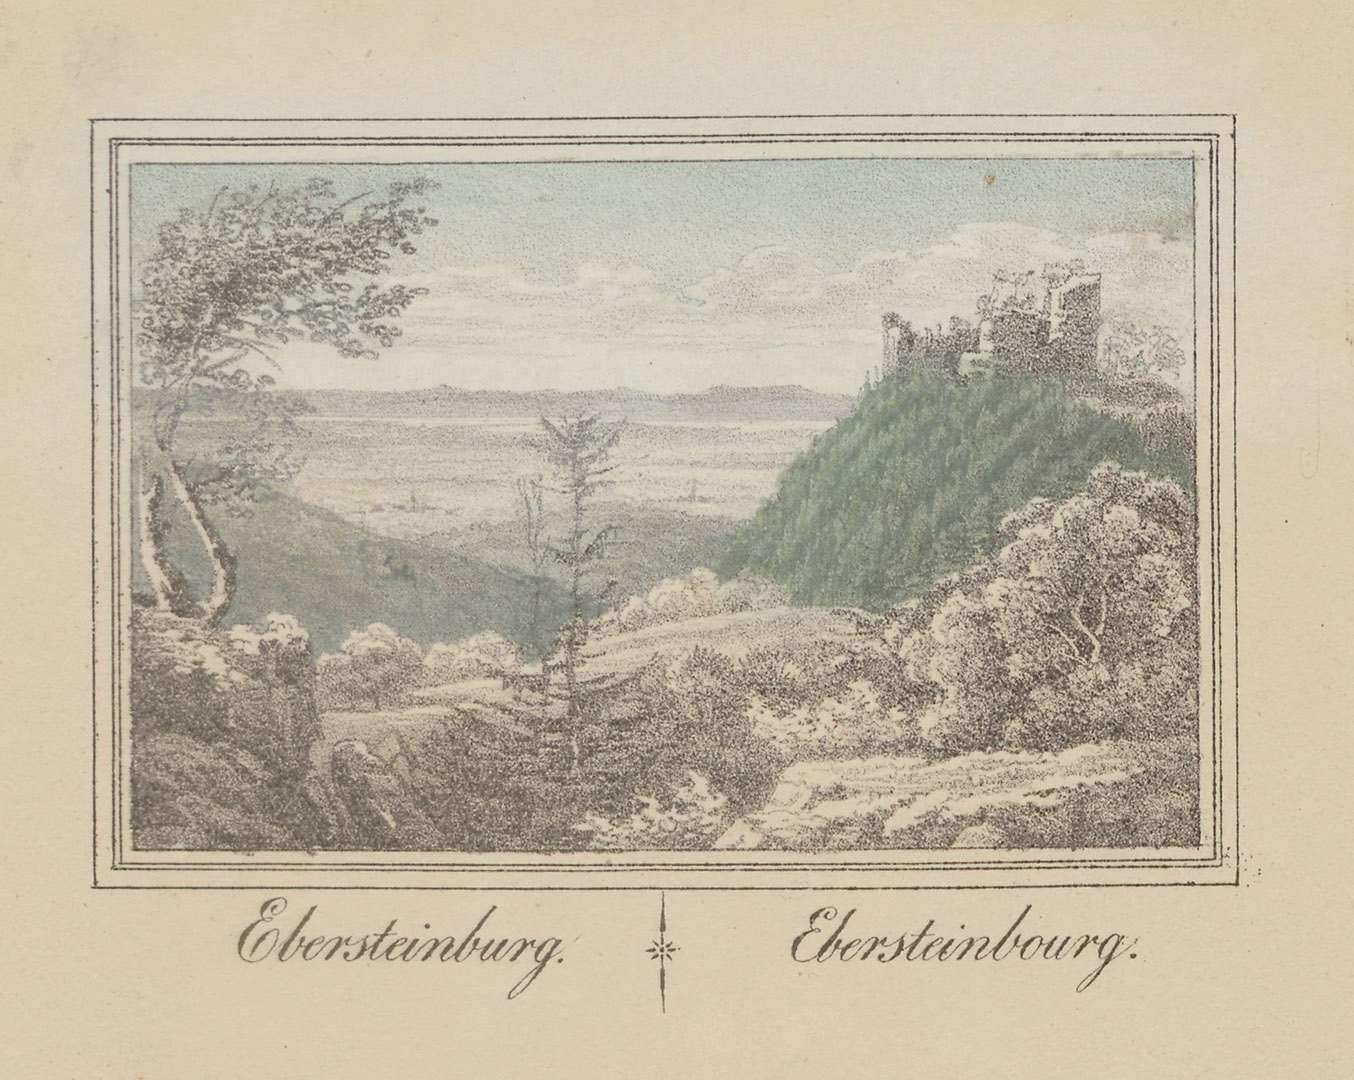 Ebersteinburg - Ebersteinbourg, Bild 1